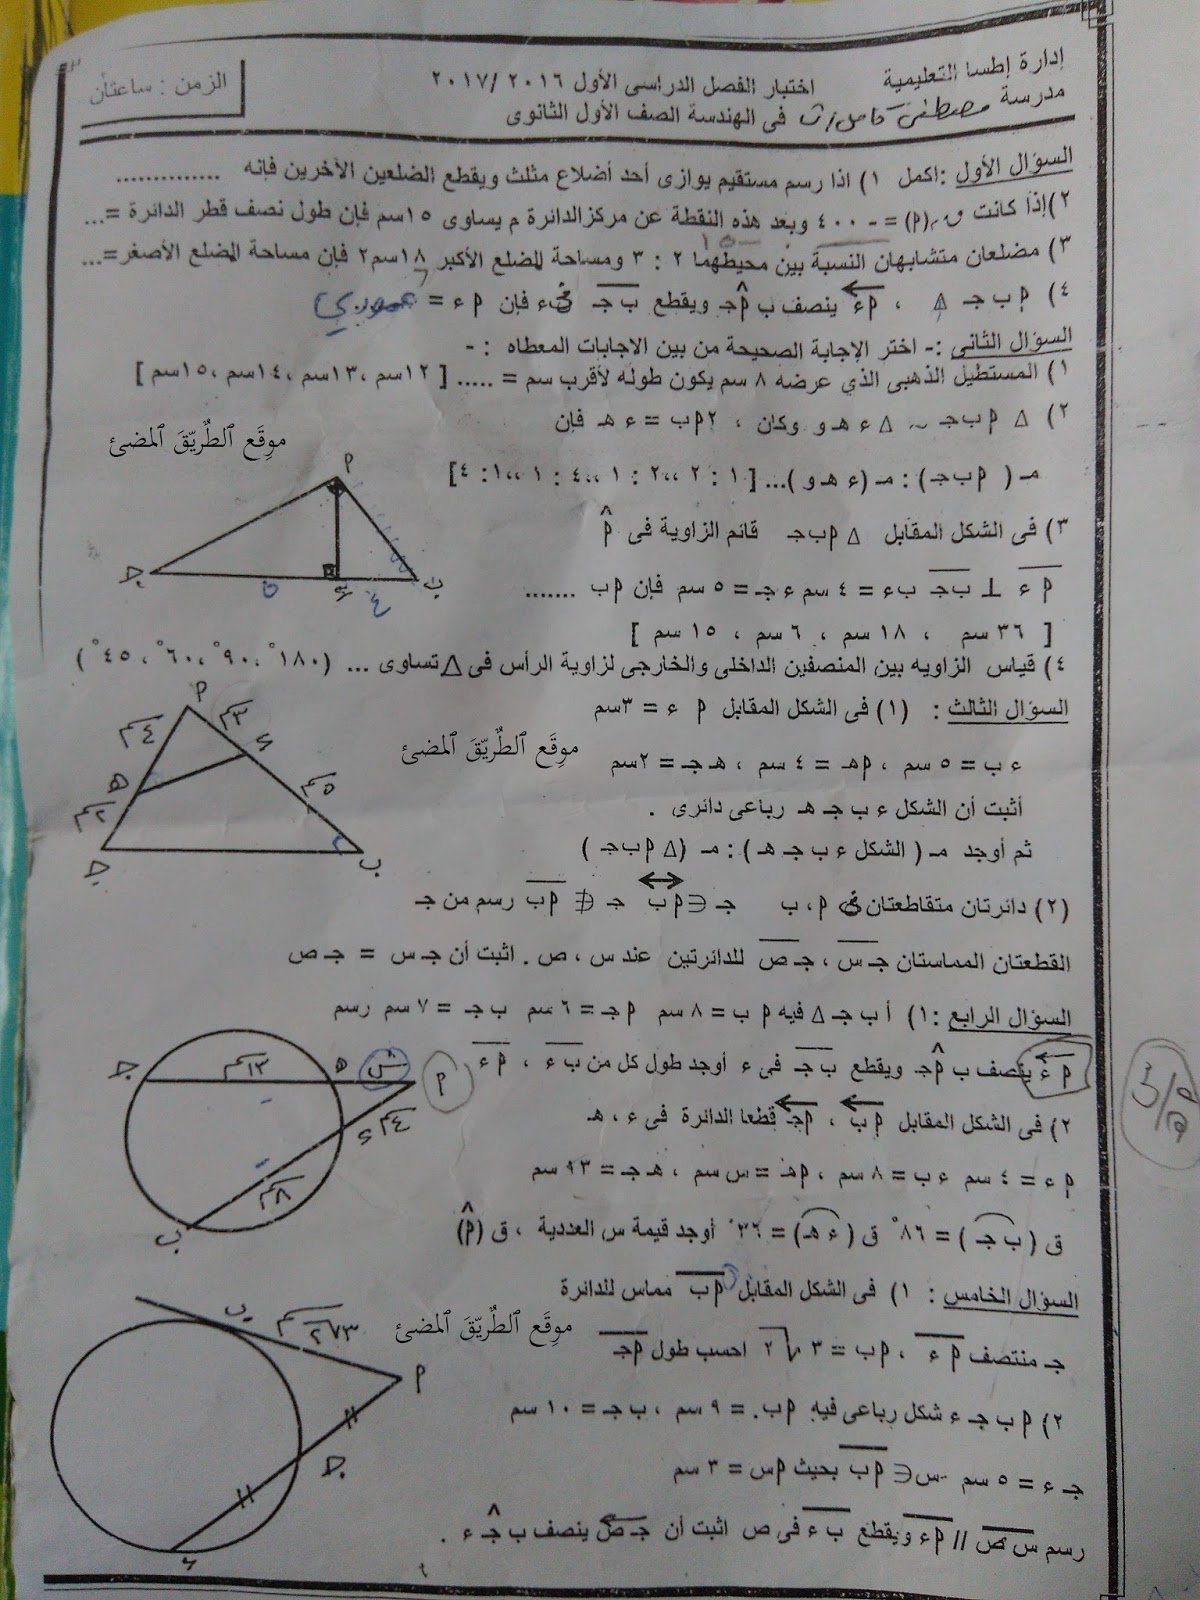 تحميل امتحان نصف العام الرسمى فى الهندسة الصف الاول الثانوي الترم الاول 2017  محافظة الفيوم, ادارة اطسا